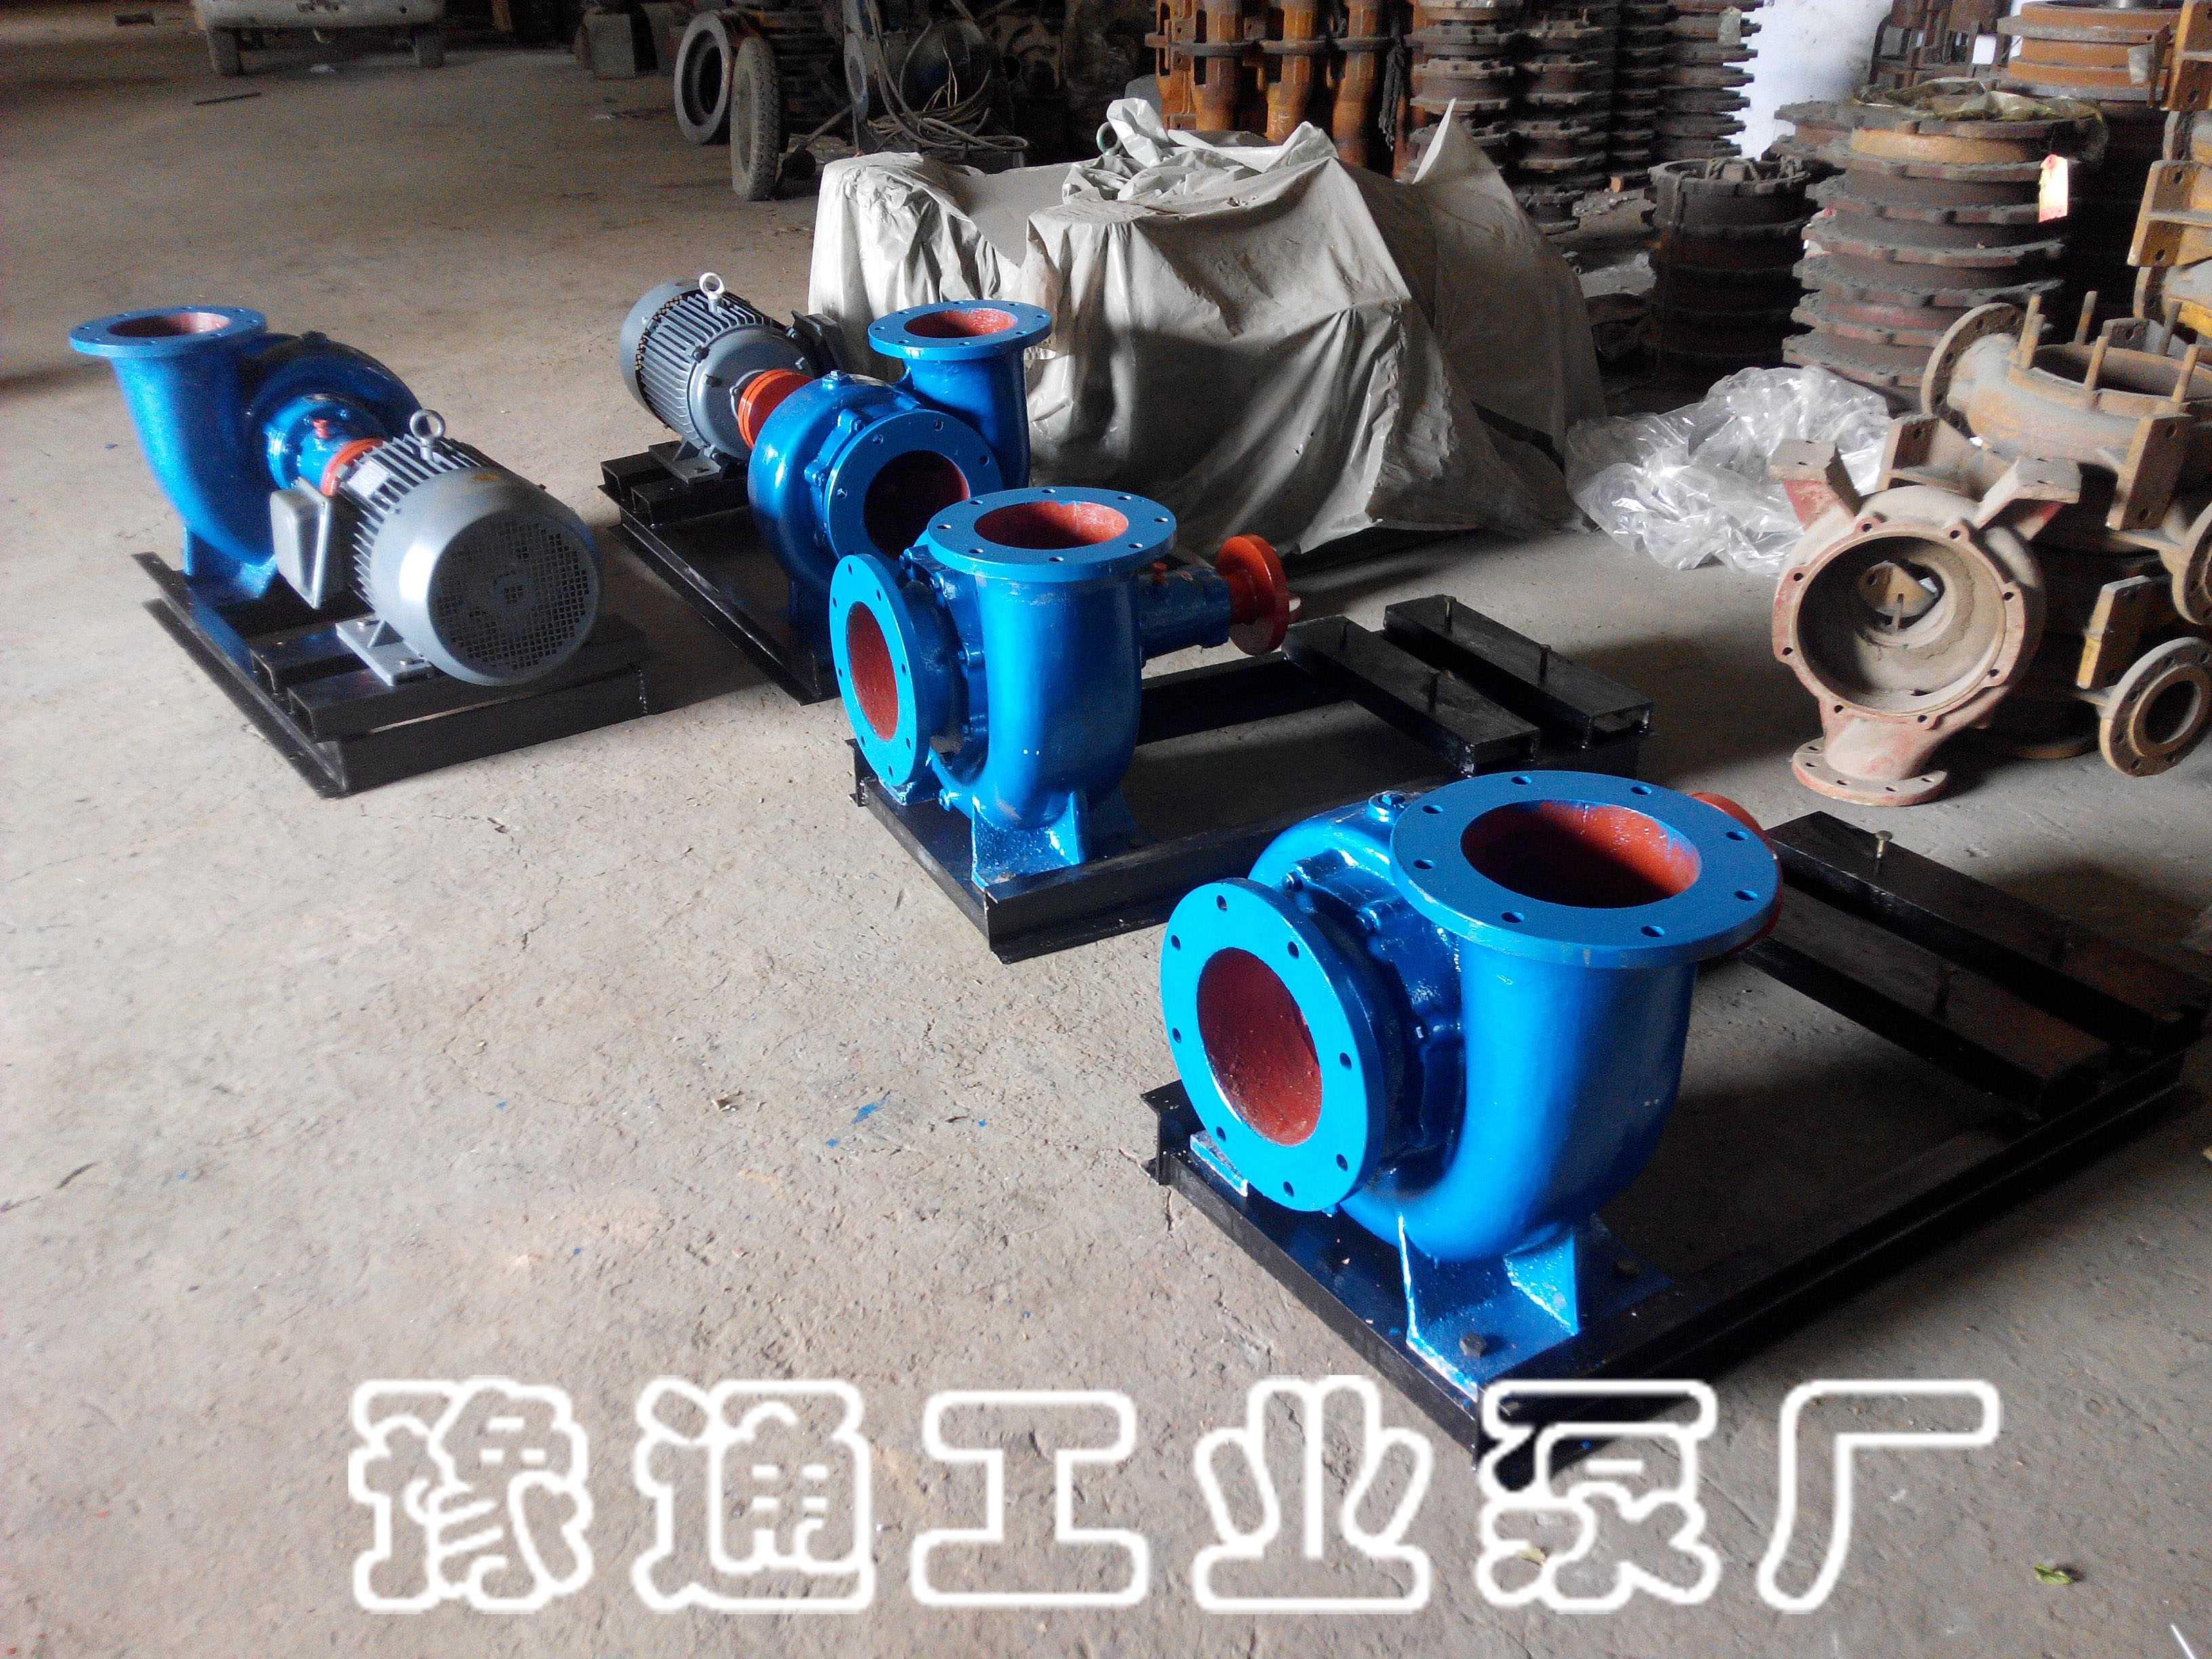 新乡耐用的河南新自己身体里乡产HW蜗壳式混流泵出站了起来售|HW蜗壳式混流泵∏价格